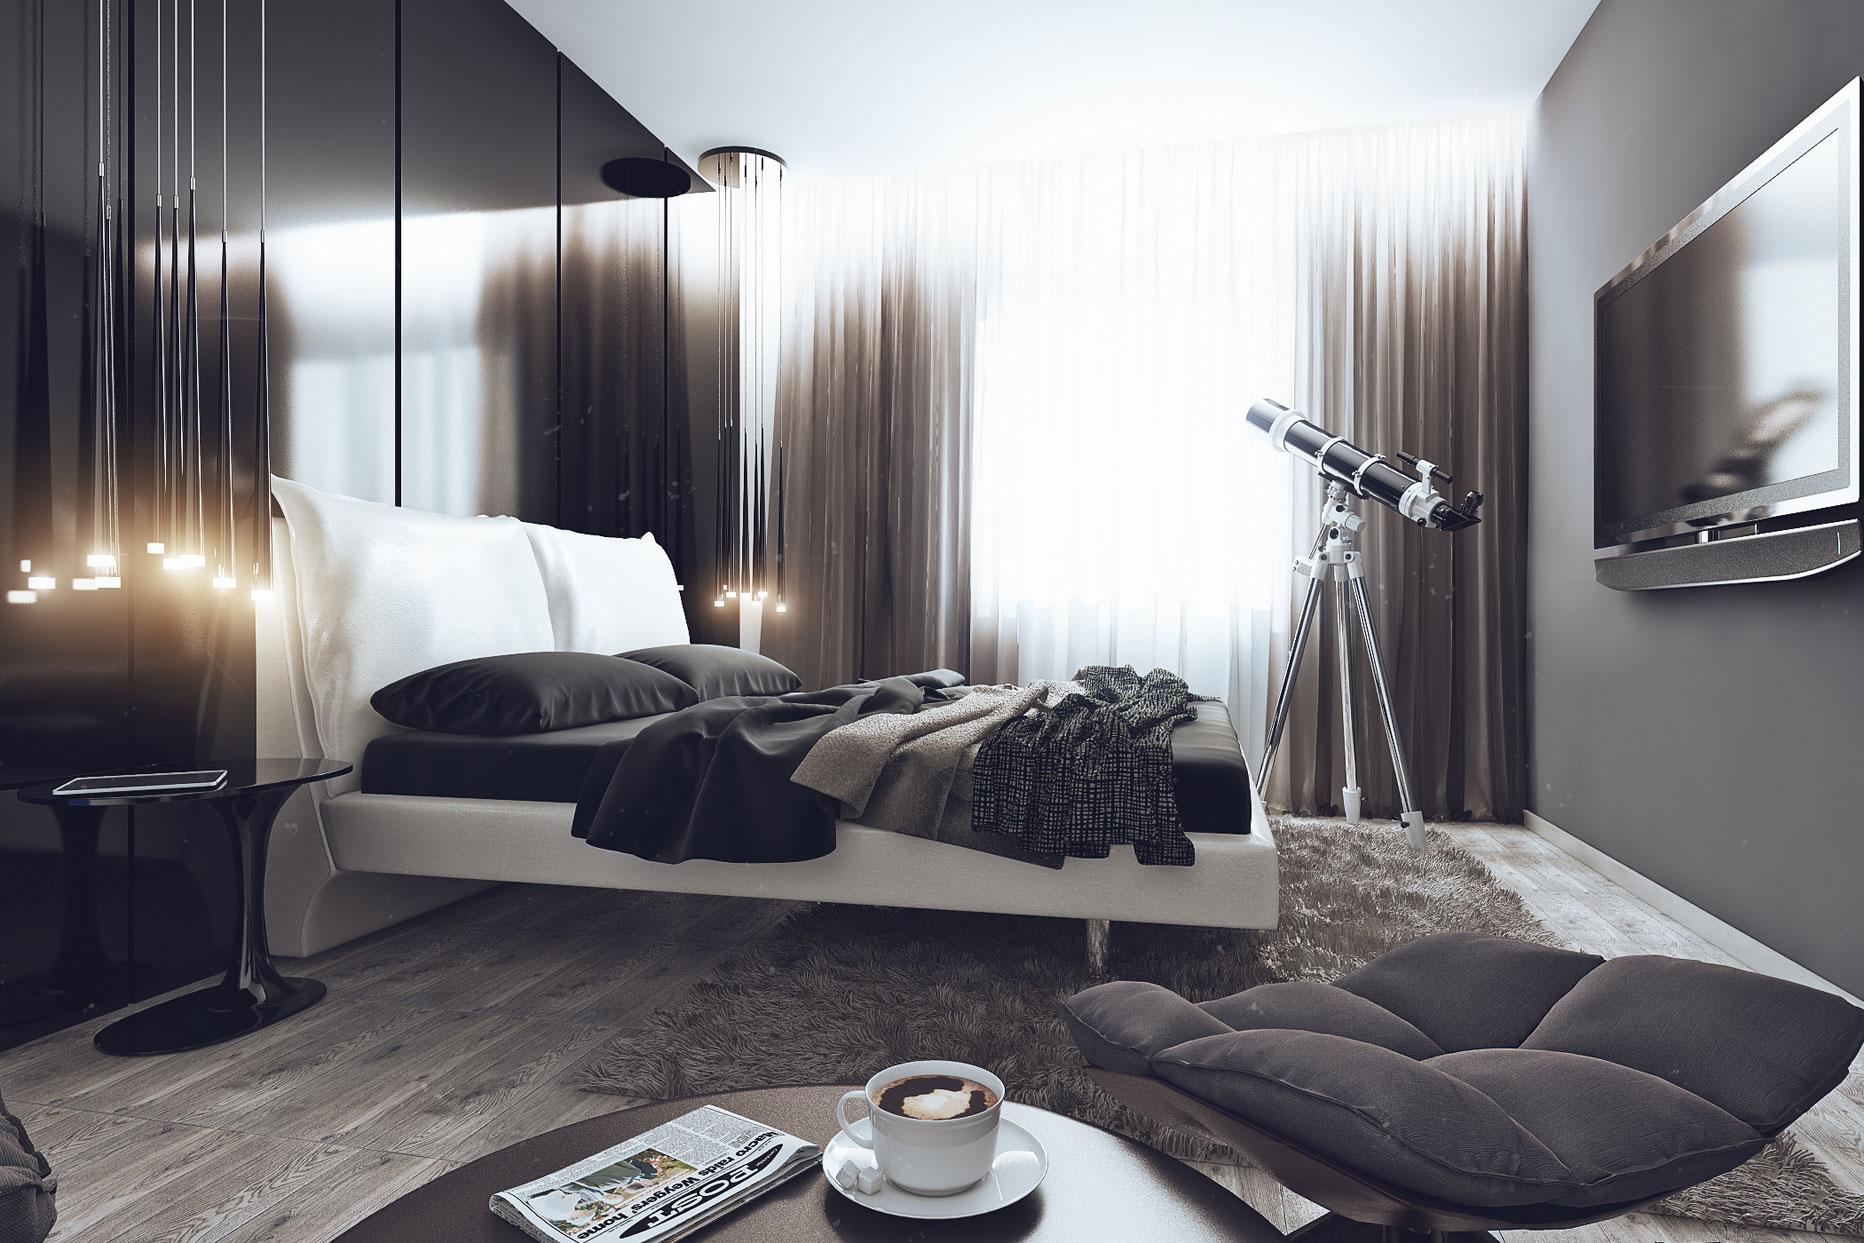 Эротический стиль дизайн квартиры предложить